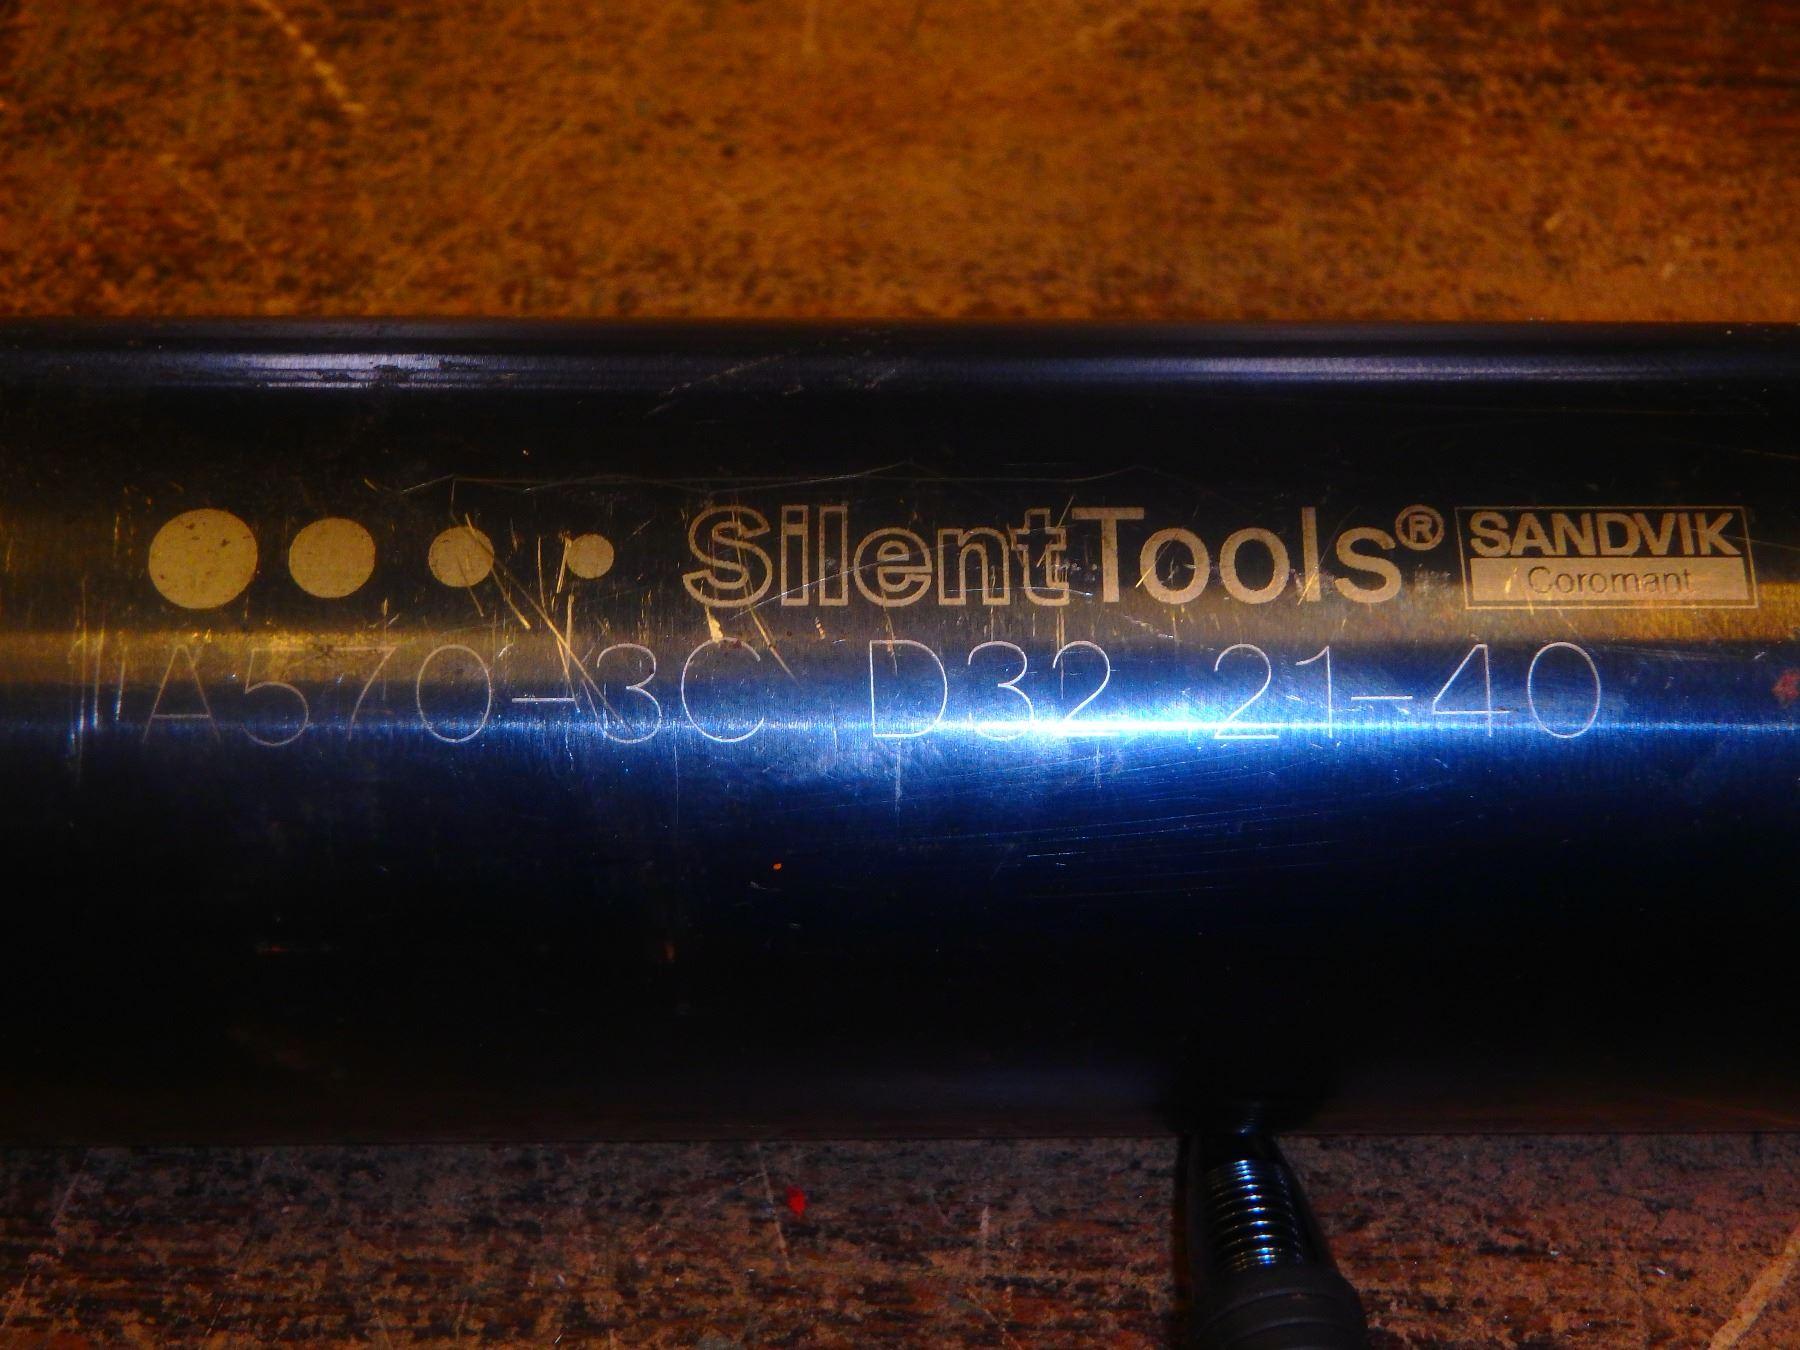 Sandvik Silent Tools Dampened Adaptive Boring Bar, P/N: A570-3C D32 21-40